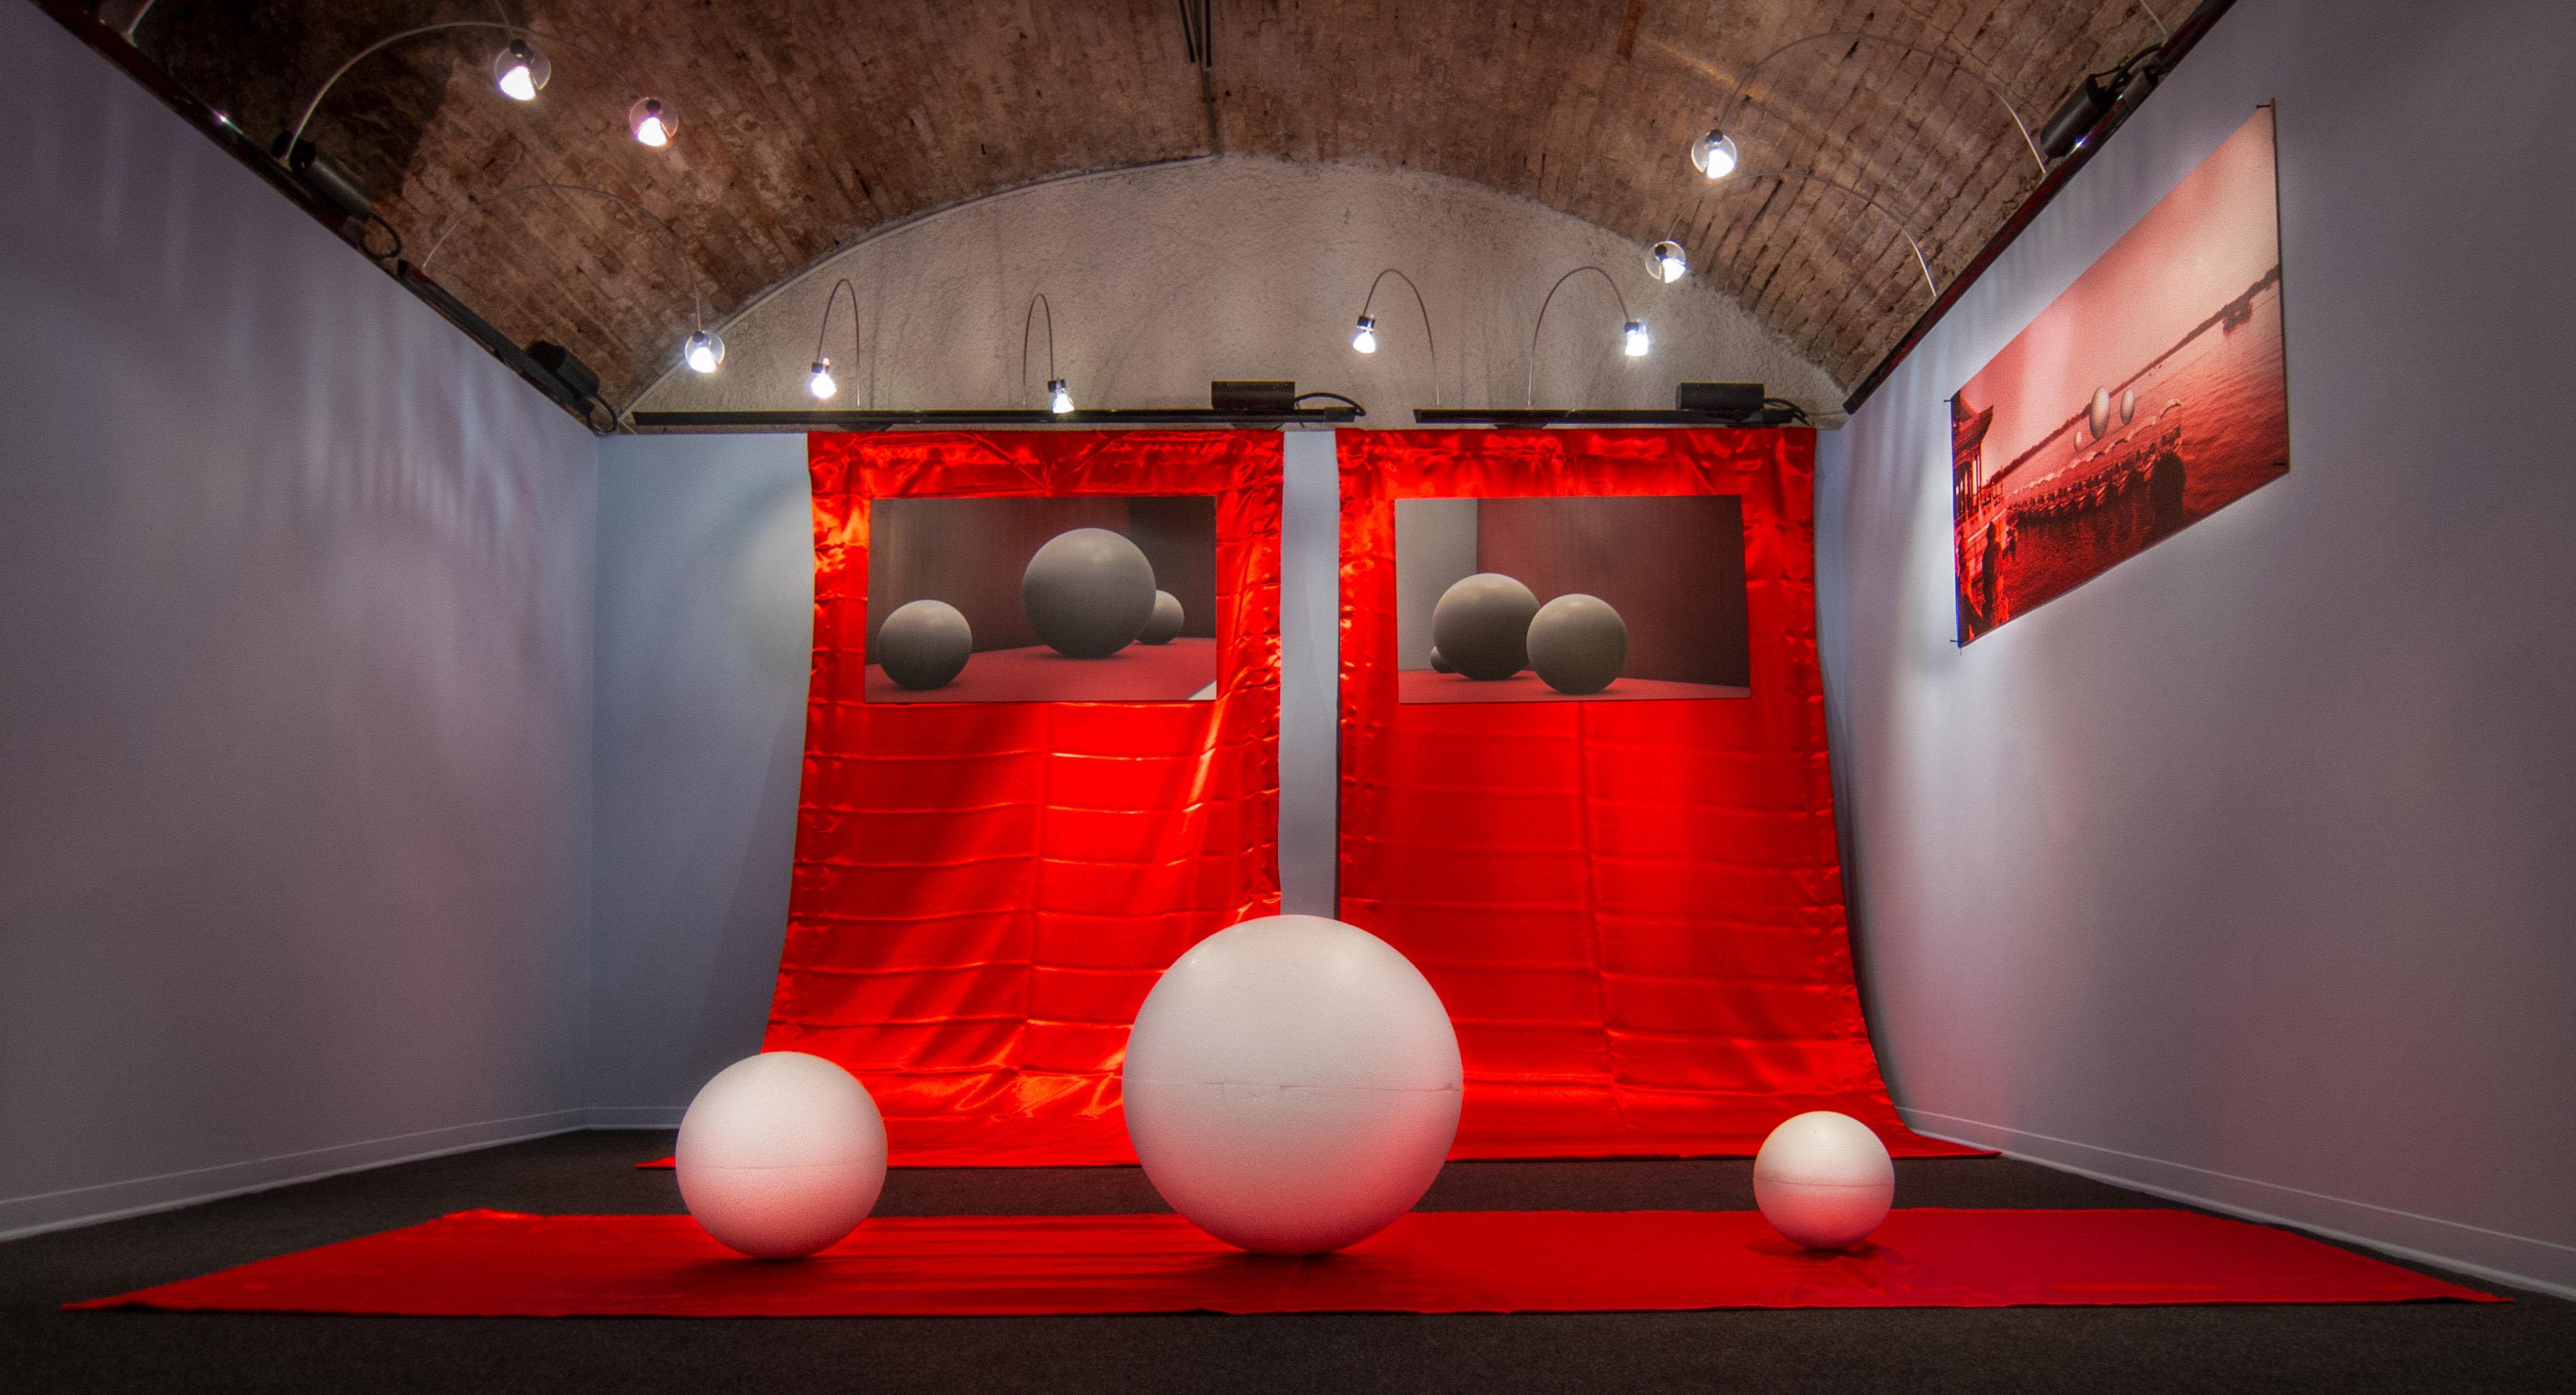 Totale frontale installazione Mille Fotografie di Pechino by DiMMD